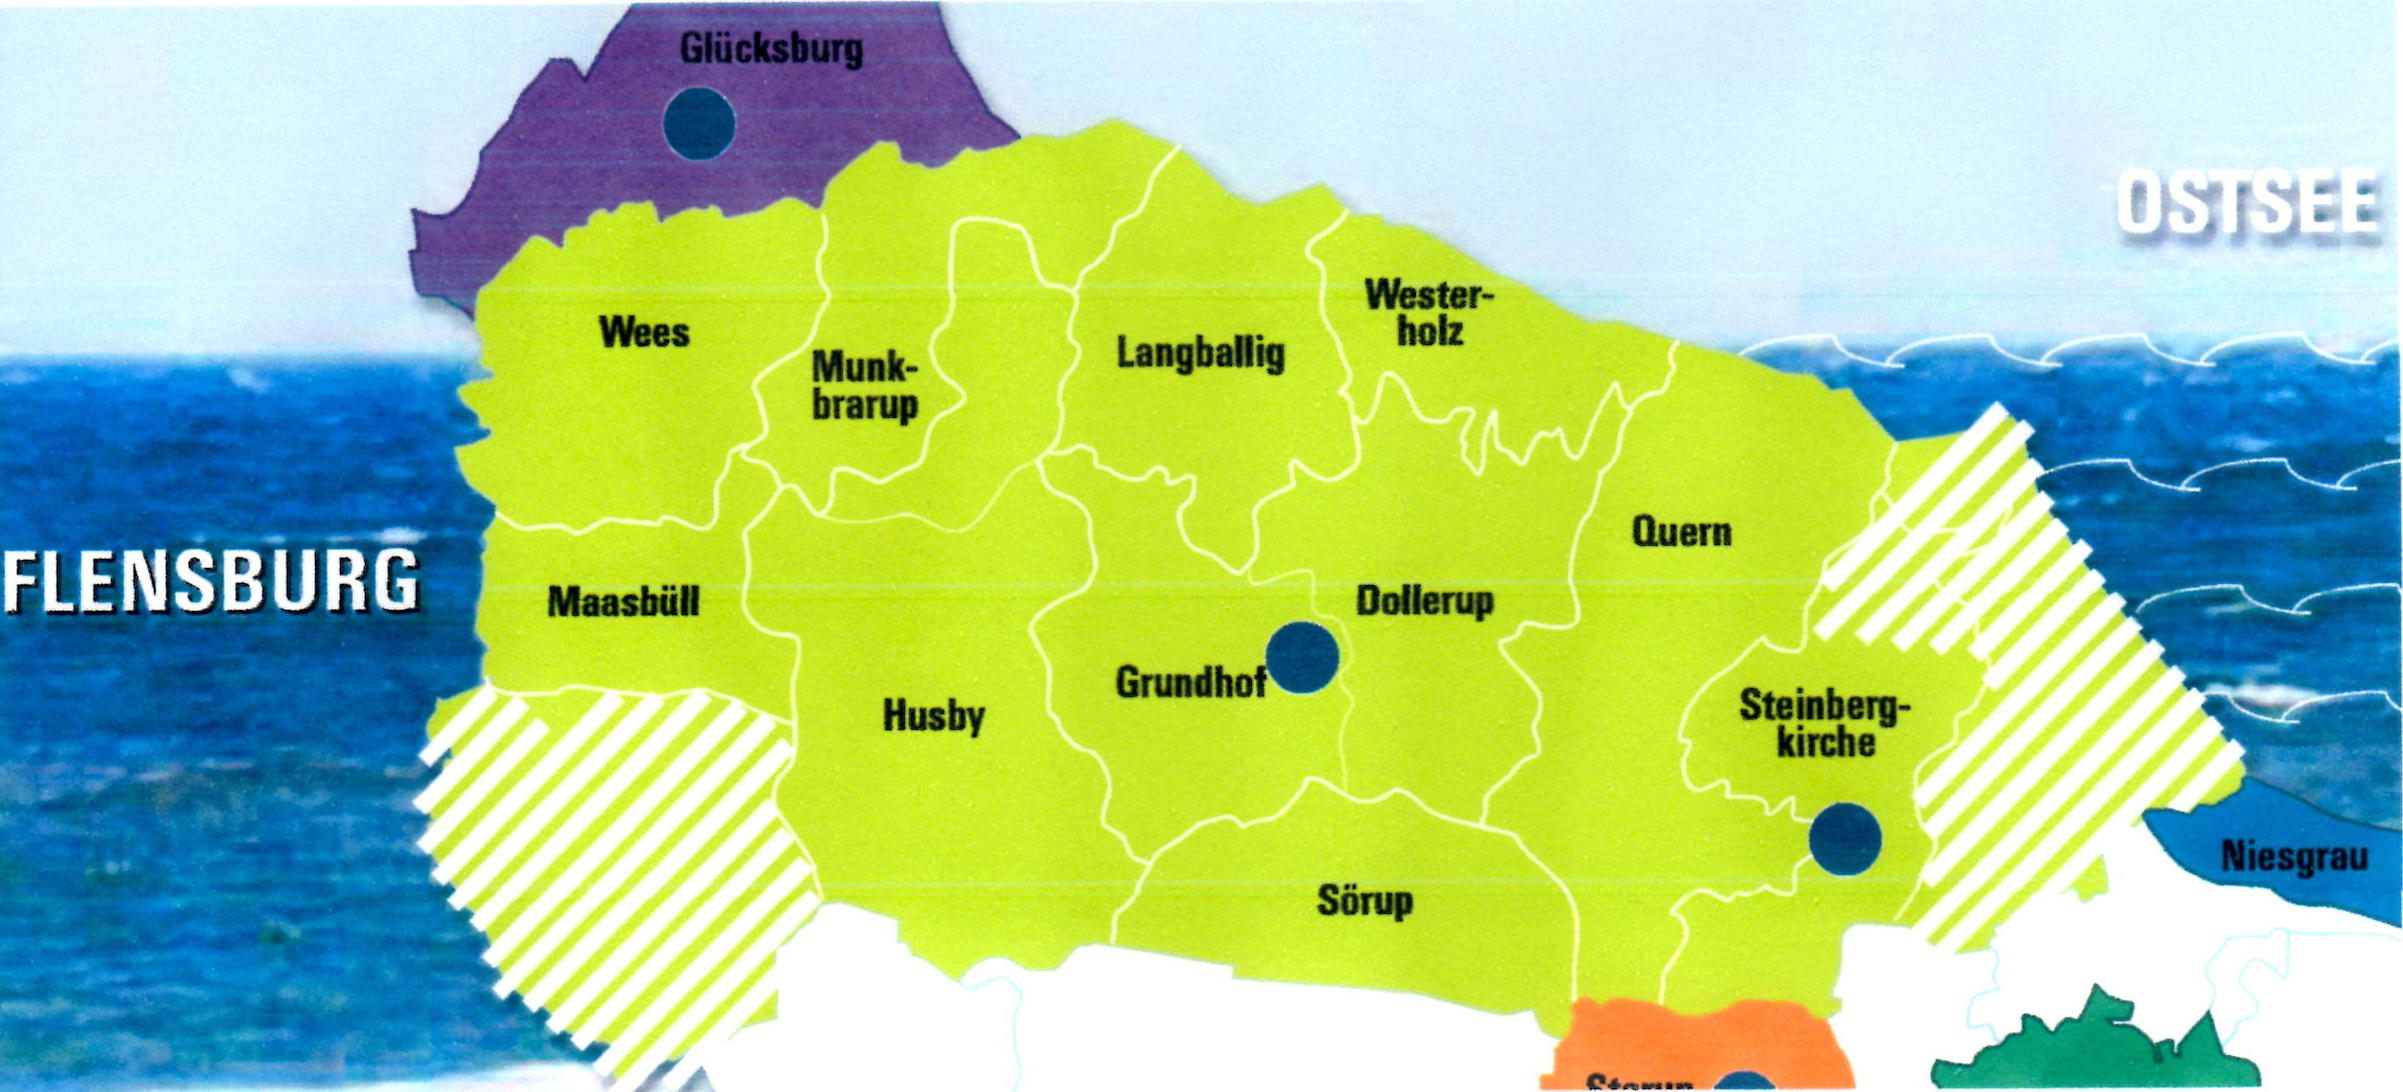 Karte des Verbandsgebiet